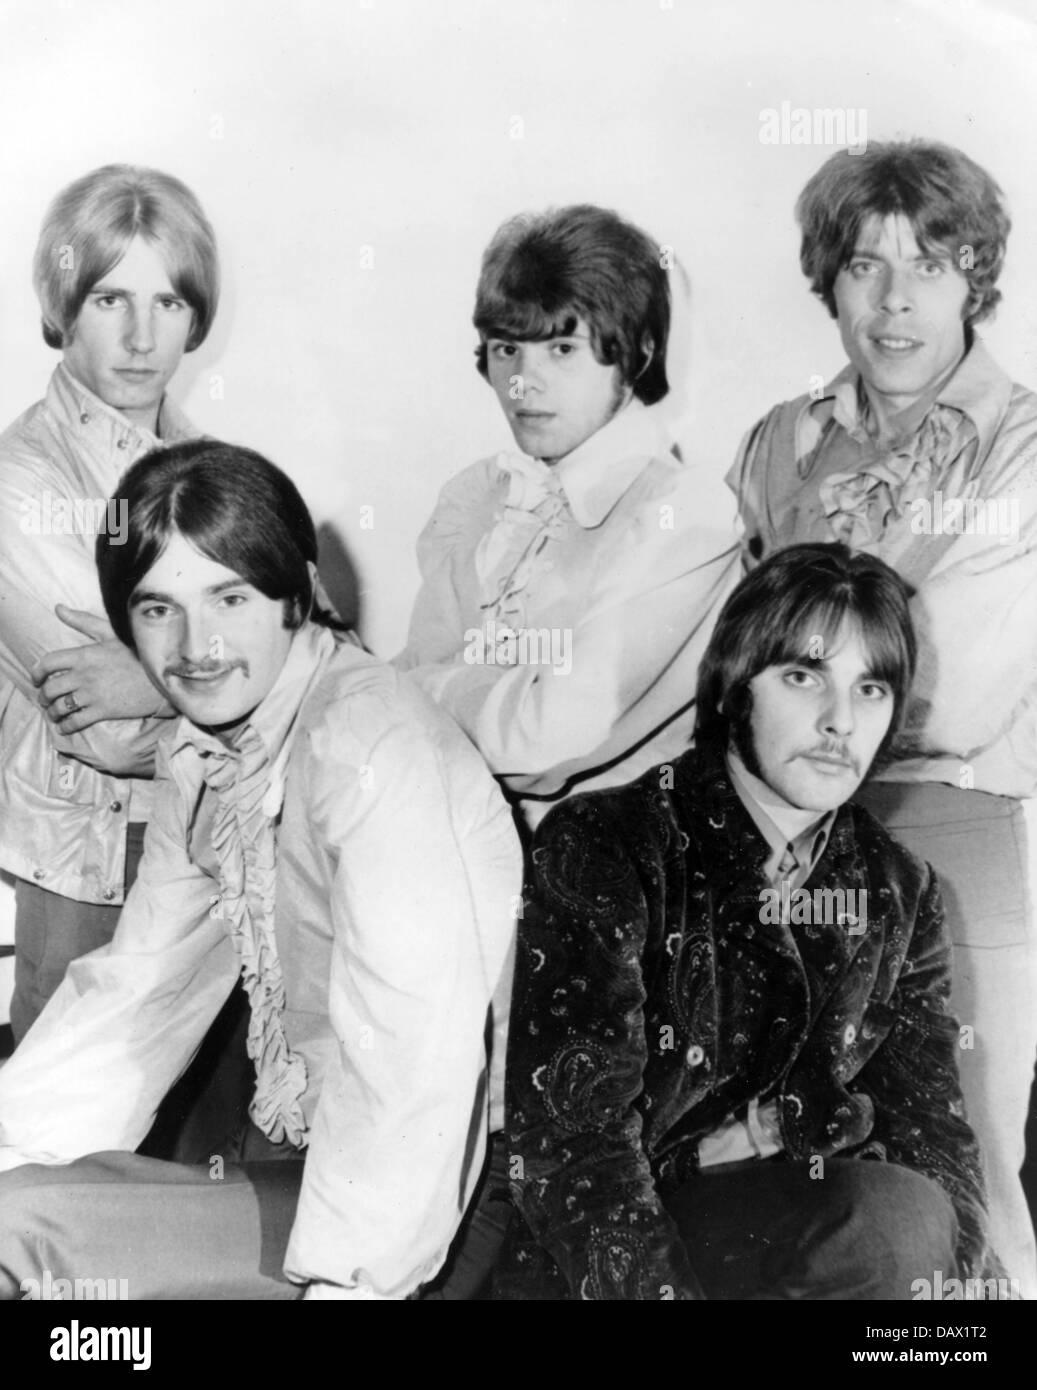 Statu quo à propos de la photo de promotion 1968 de l: Rick Parfitt, Francis Rossi, Alan Lancaster, John Coghlan, Roy Lynes Banque D'Images